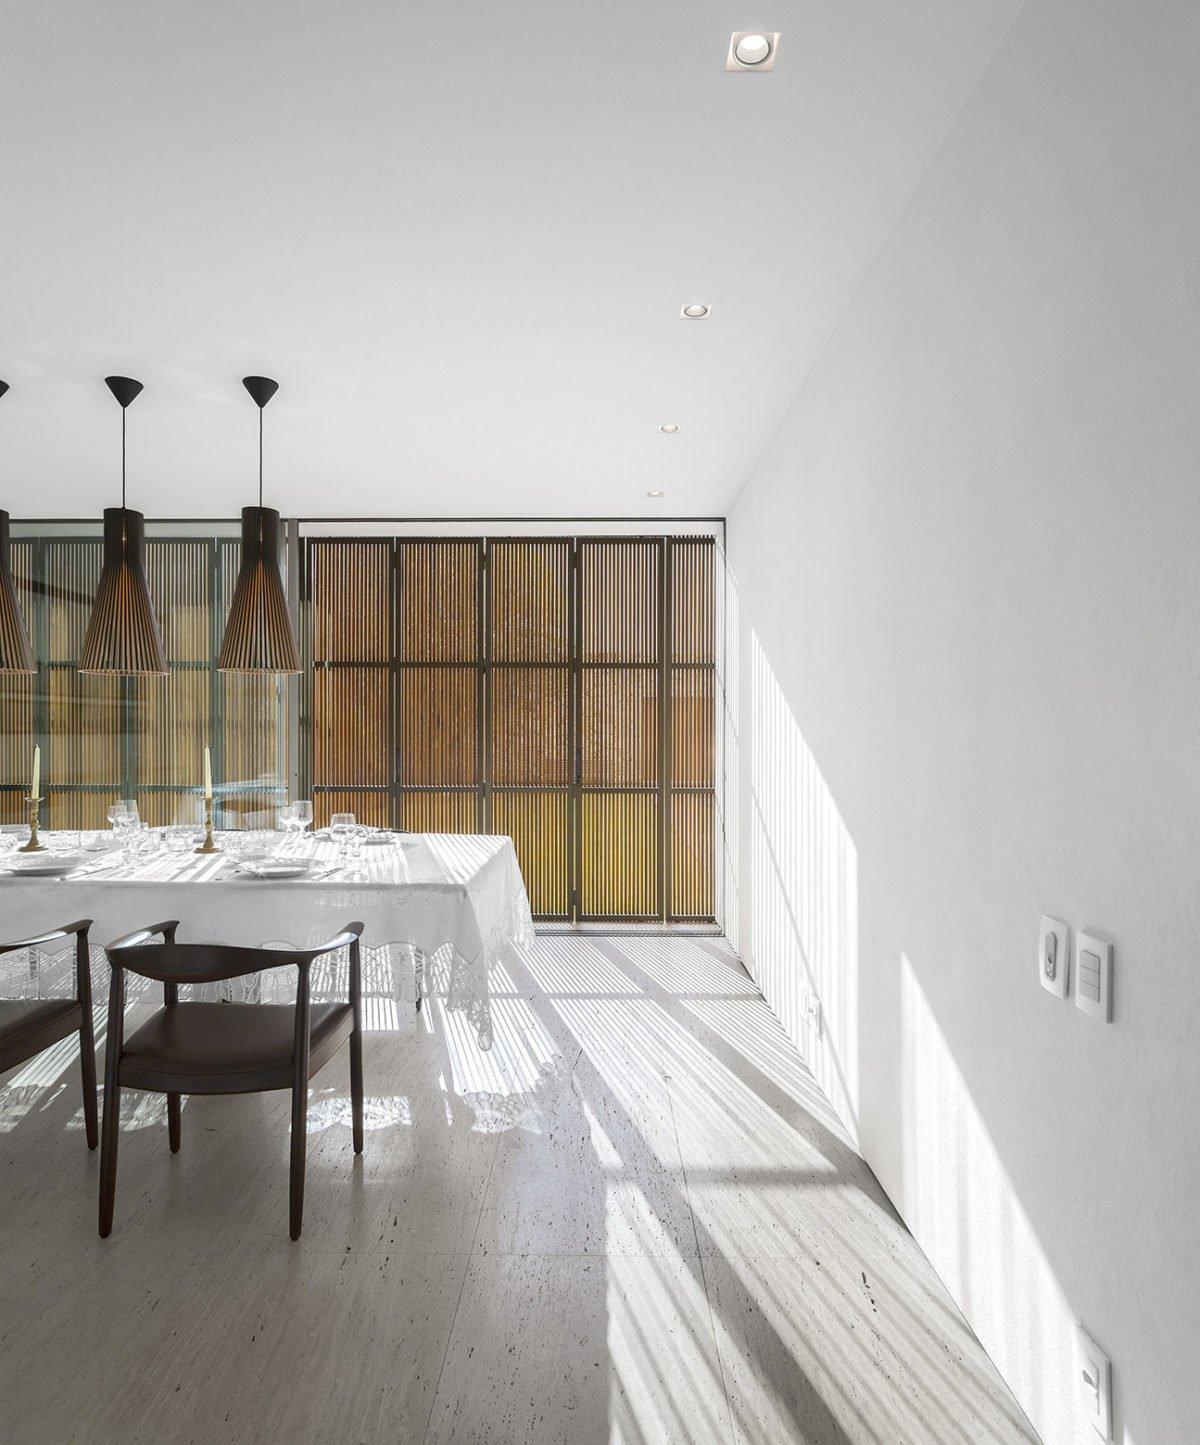 7Tetris-House-In-São-Paulo-Brazil-By-Studiomk27-9